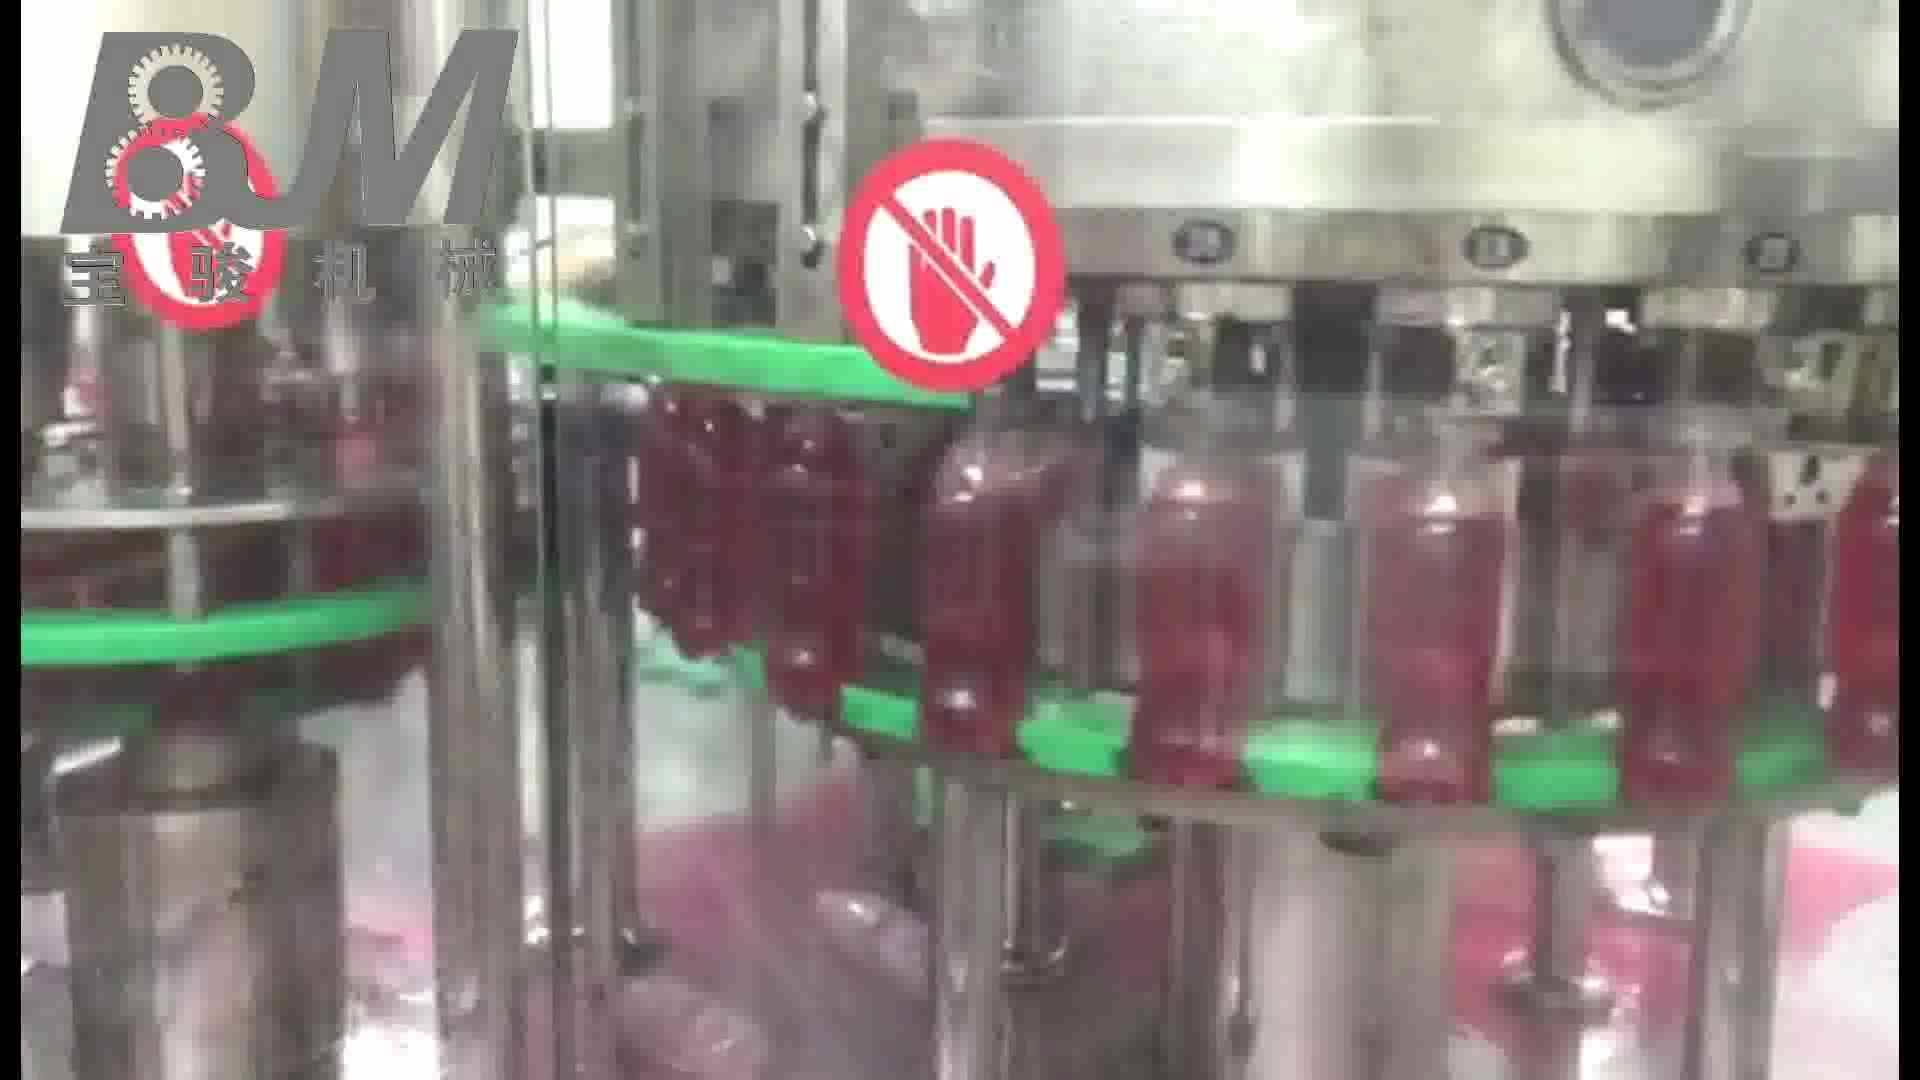 पूरा रस उत्पादन लाइन/दही/दूध/रस भरने एल्यूमीनियम पन्नी सील मशीन/कैपिंग मशीन